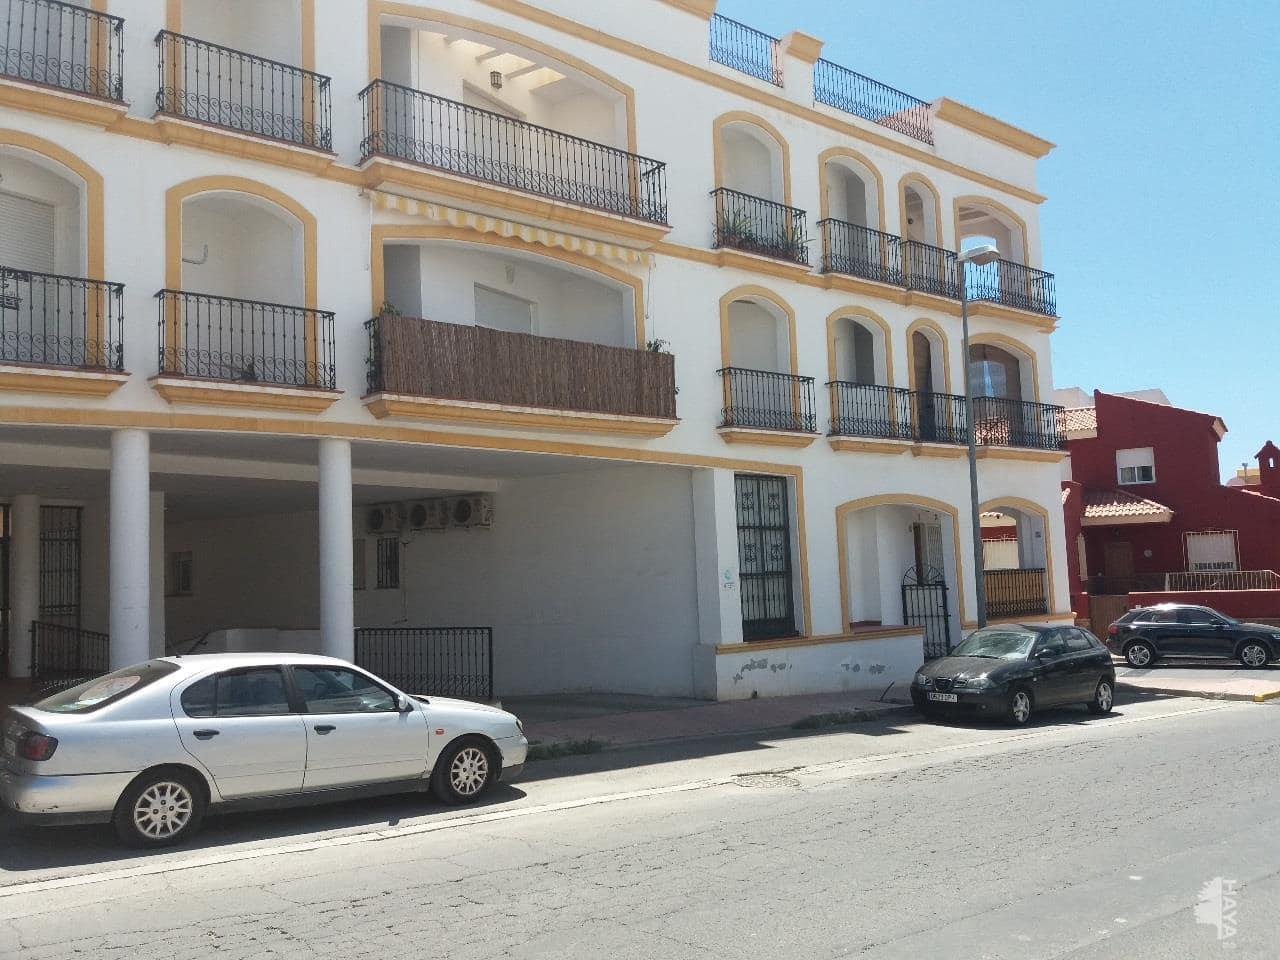 Piso en venta en Vera, Almería, Calle Ingeniero Jose Moreno Jorge, 56.809 €, 2 habitaciones, 2 baños, 67 m2